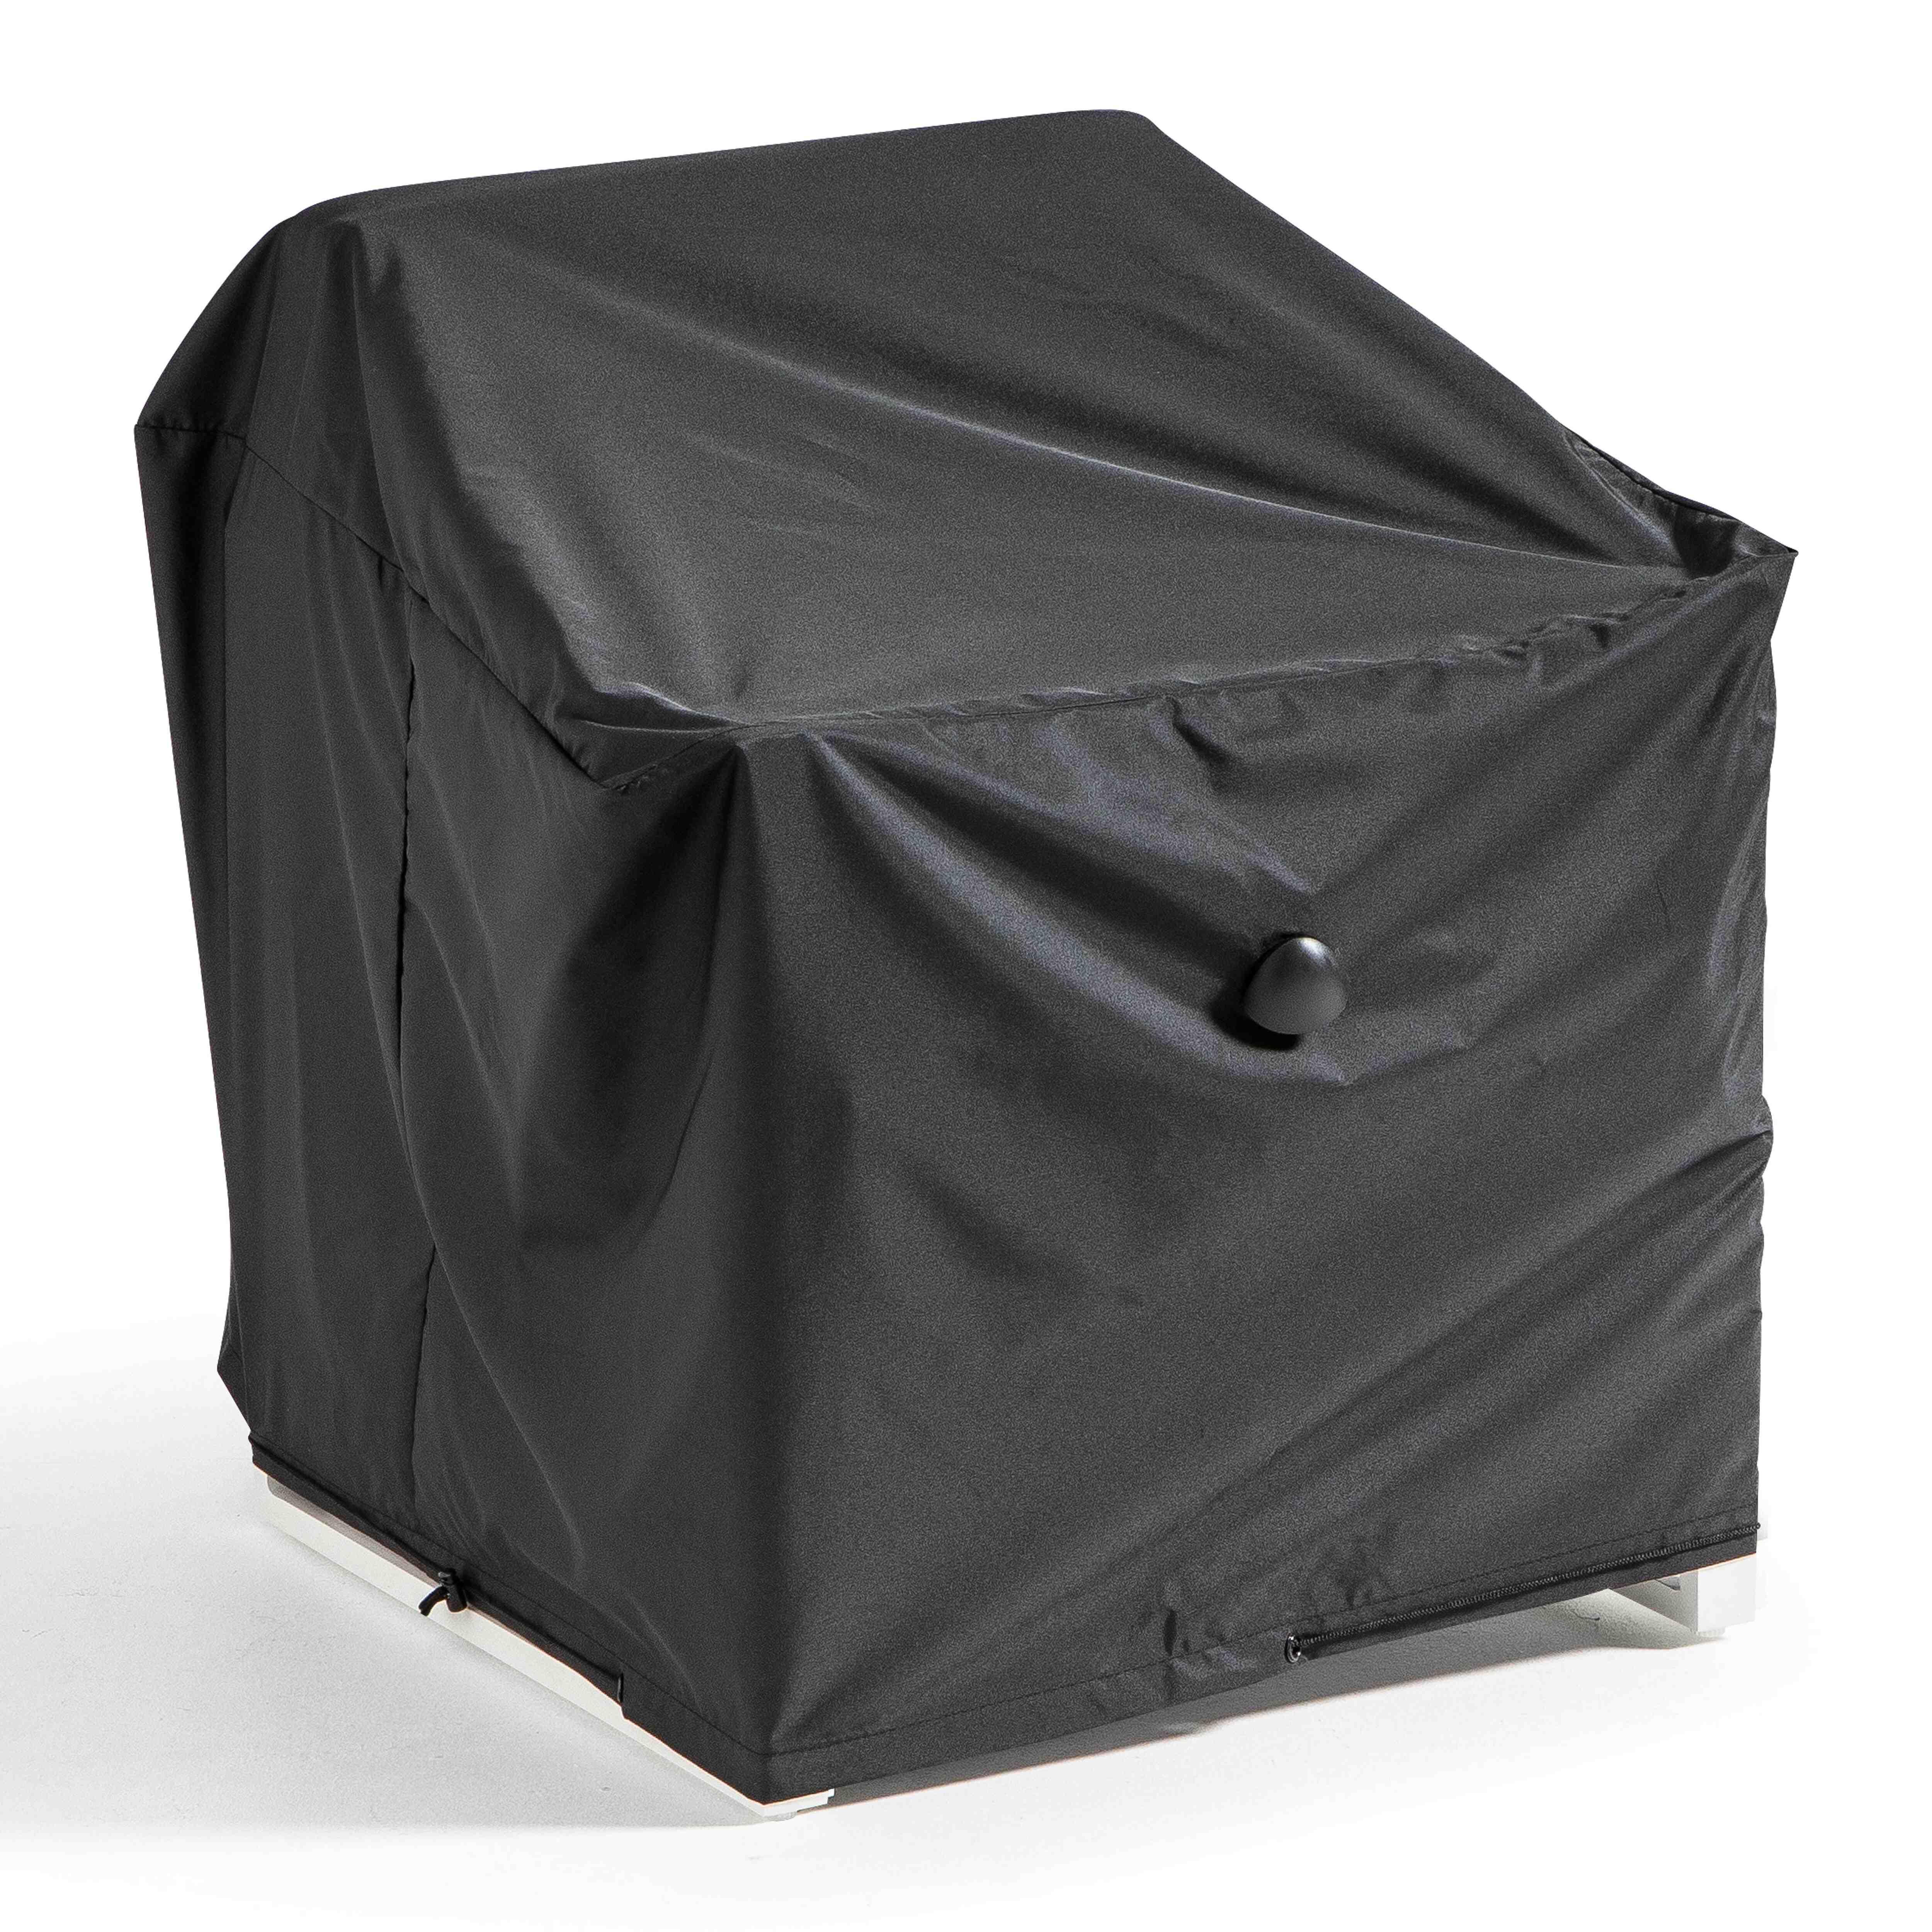 Housse de fauteuil de jardin noire 75 x 75 x 60 cm